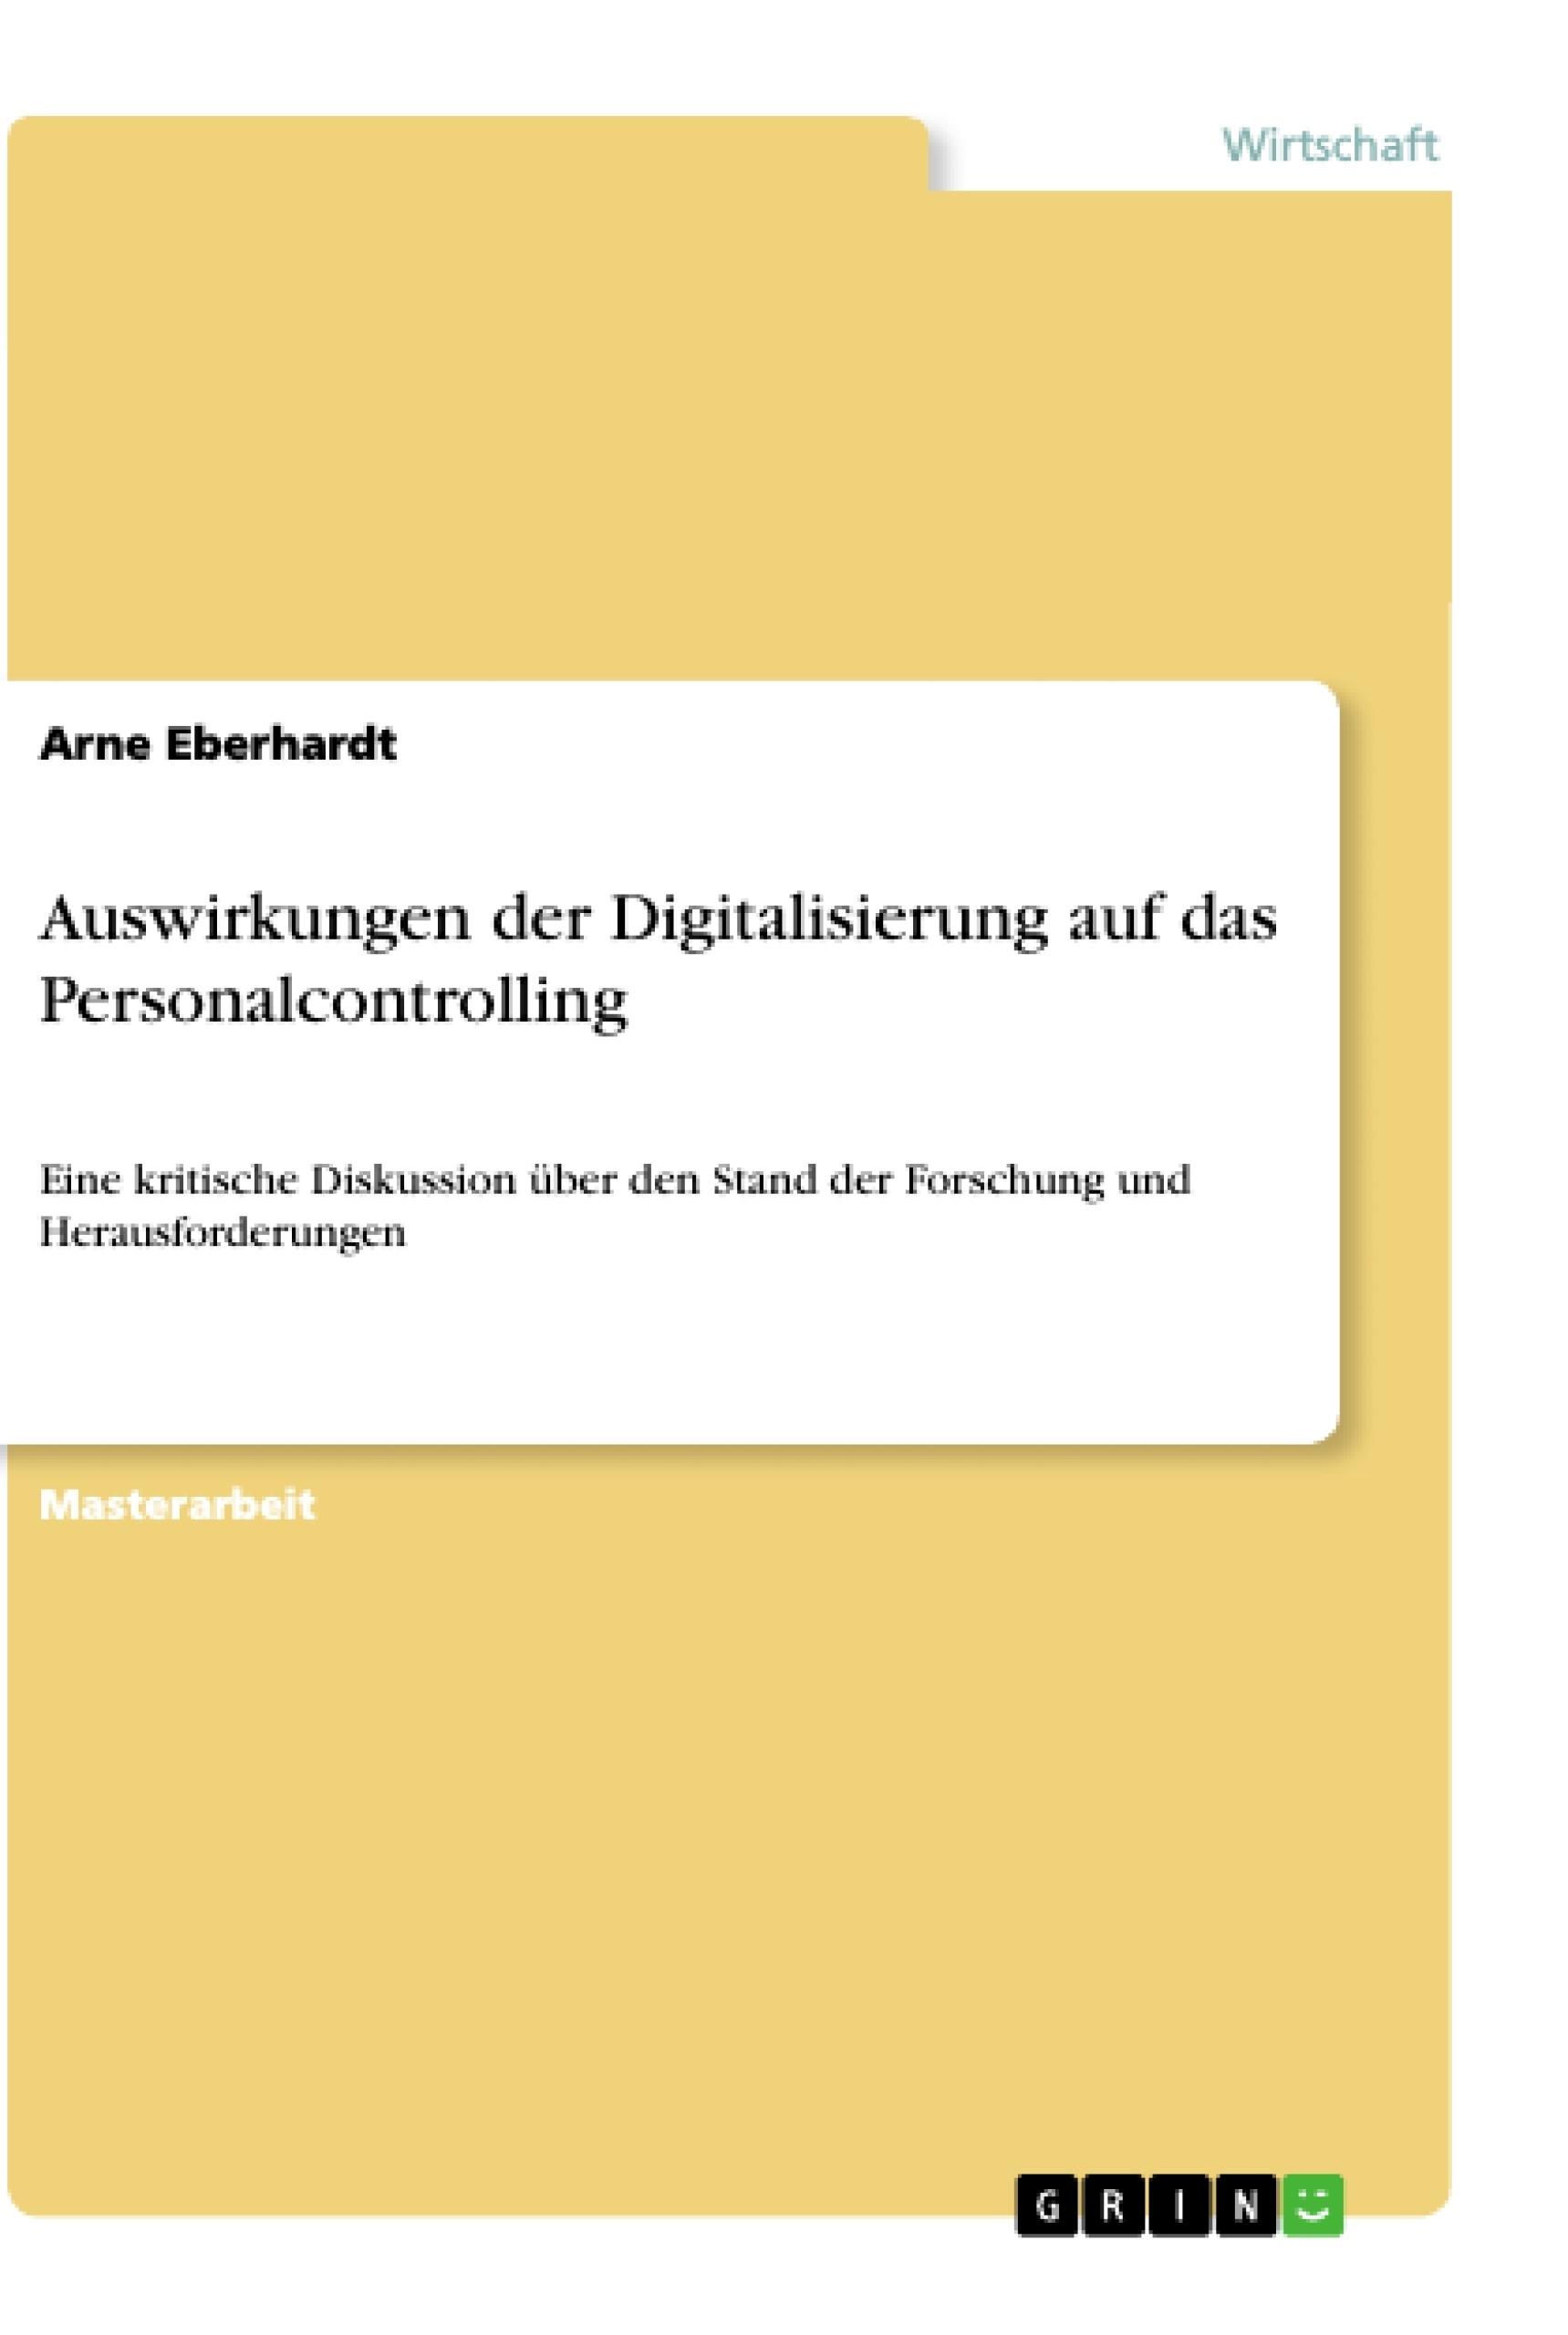 Titel: Auswirkungen der Digitalisierung auf das Personalcontrolling